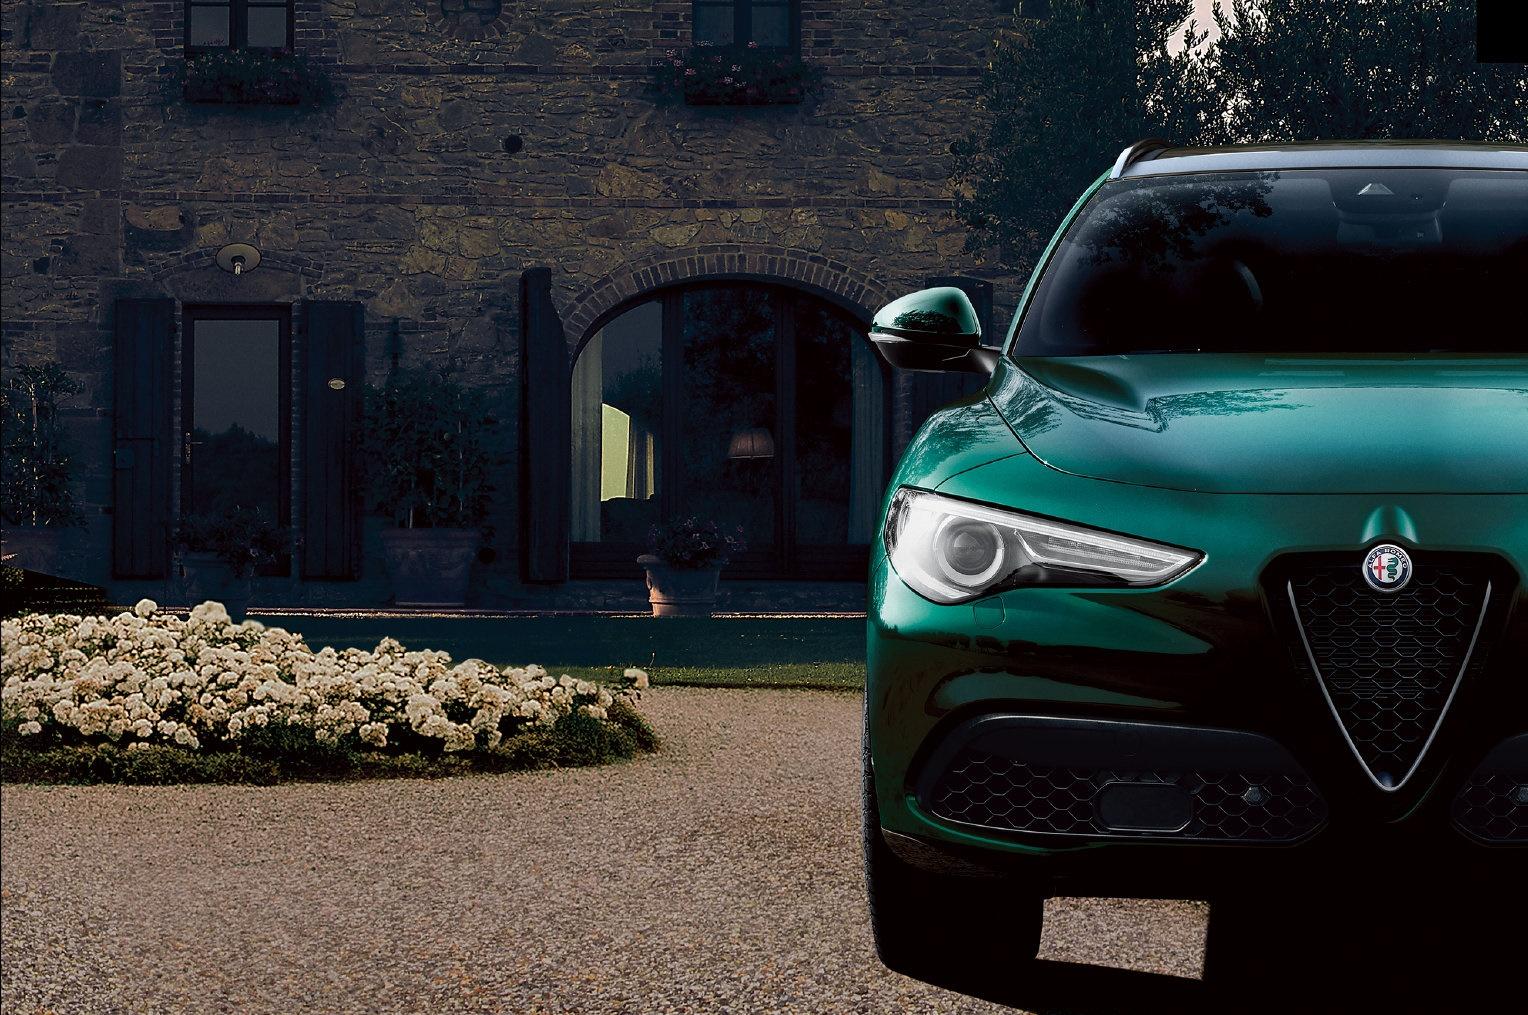 阿尔法·罗密欧新款Giulia还有新车上市,37.98万起